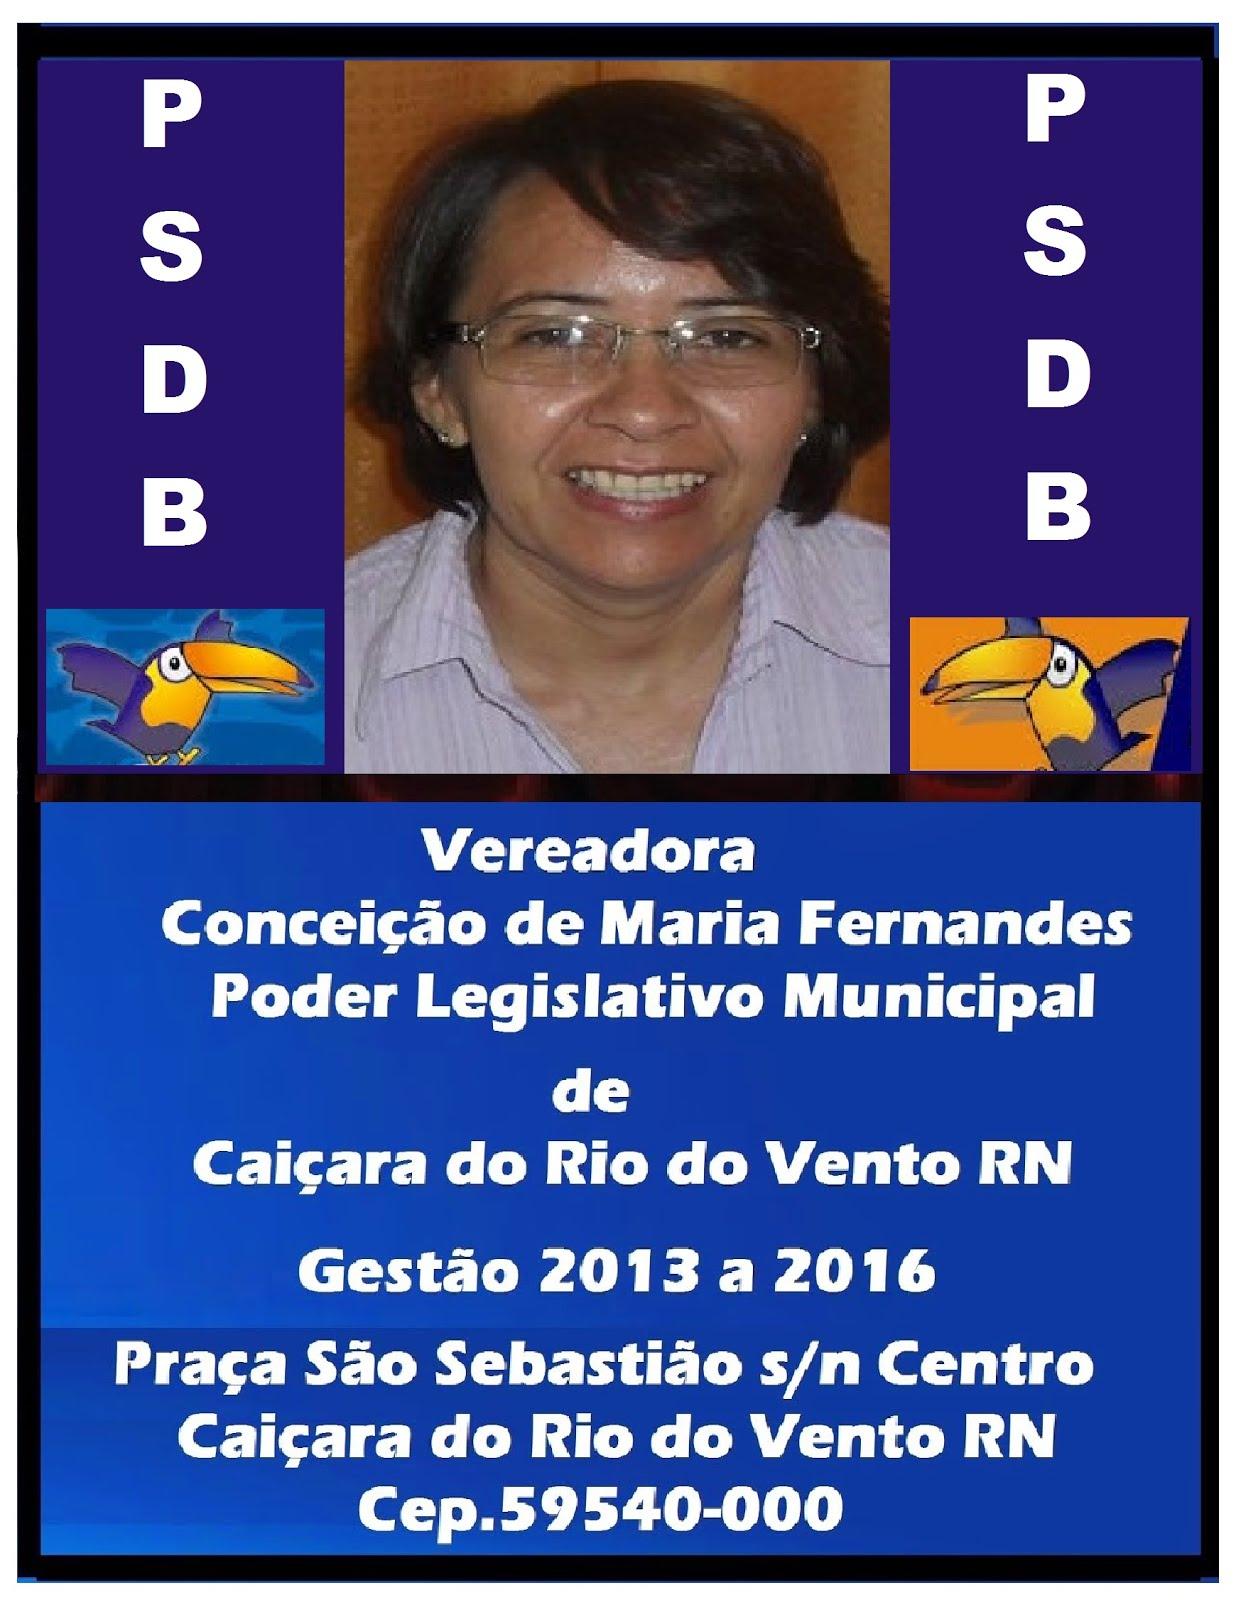 VEREADORA COINHA CAIÇARA DO RIO DO VENTO.